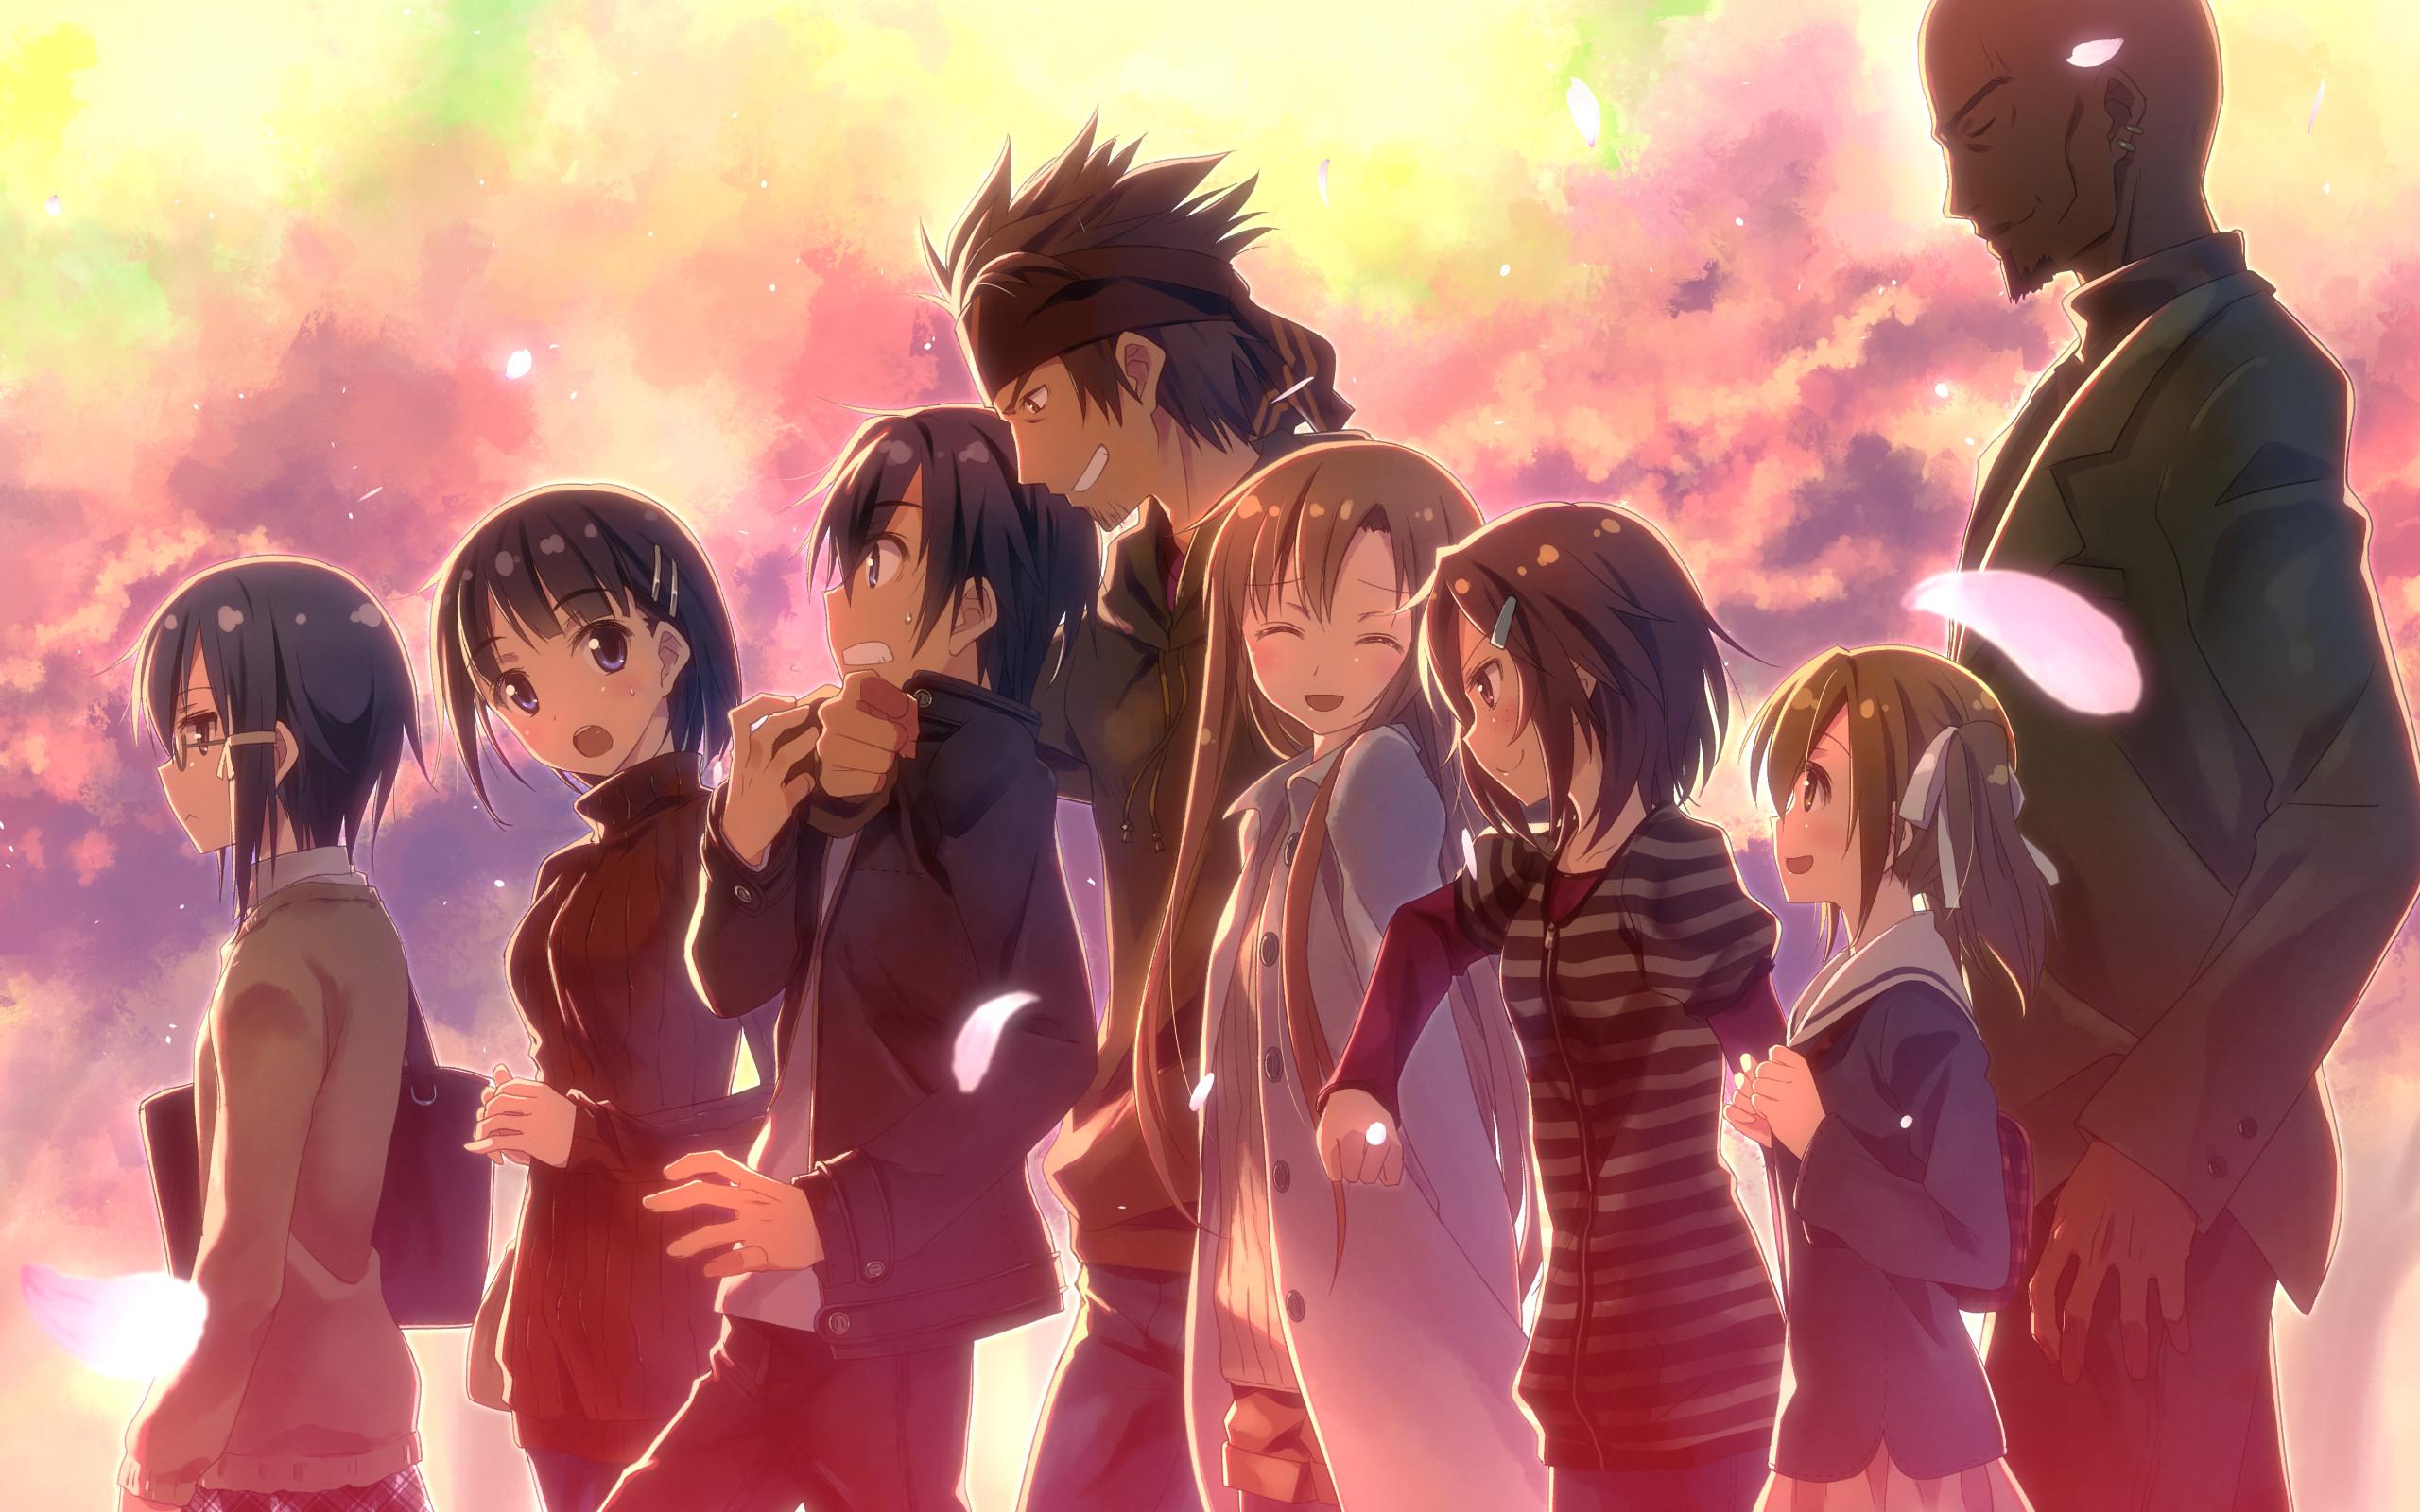 Sword Art Online download Sword Art Online image